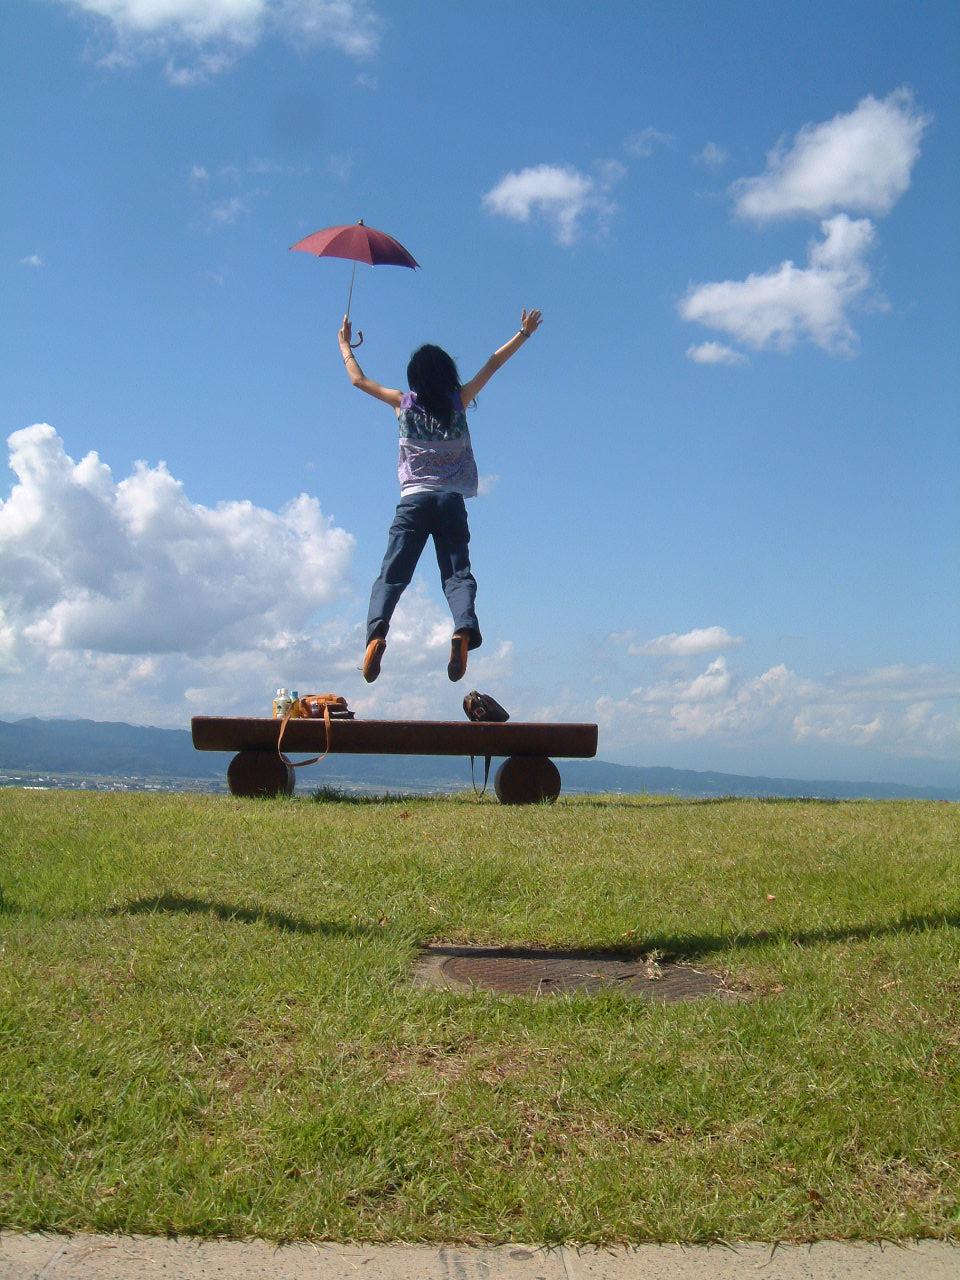 「親方ぁぁぁ!空から女の子が!!」_e0017332_124217.jpg